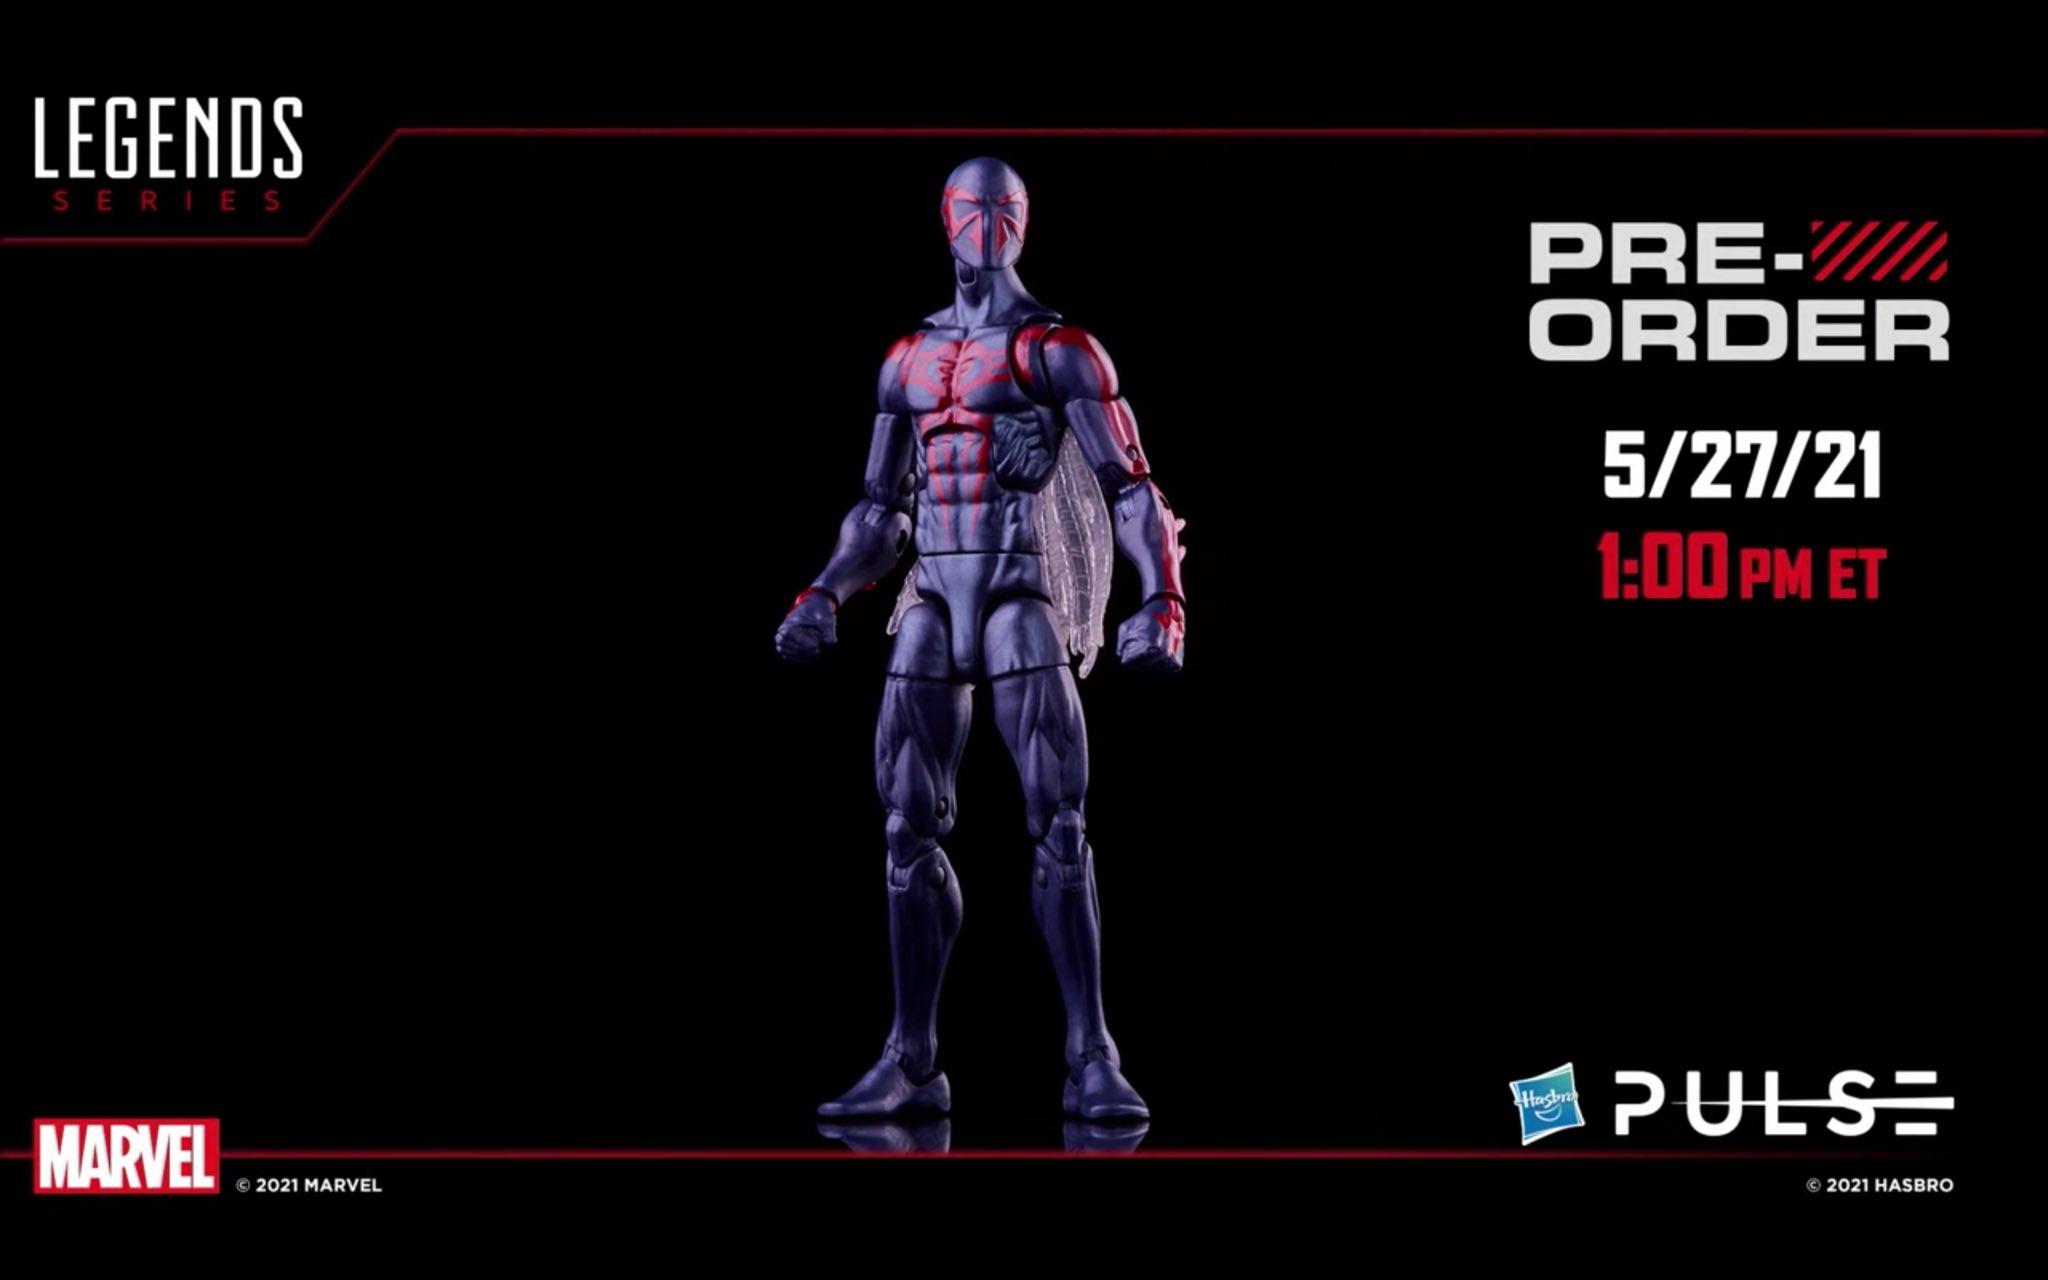 マーベルレジェンド スパイダーマン2099(レトロパッケージ)